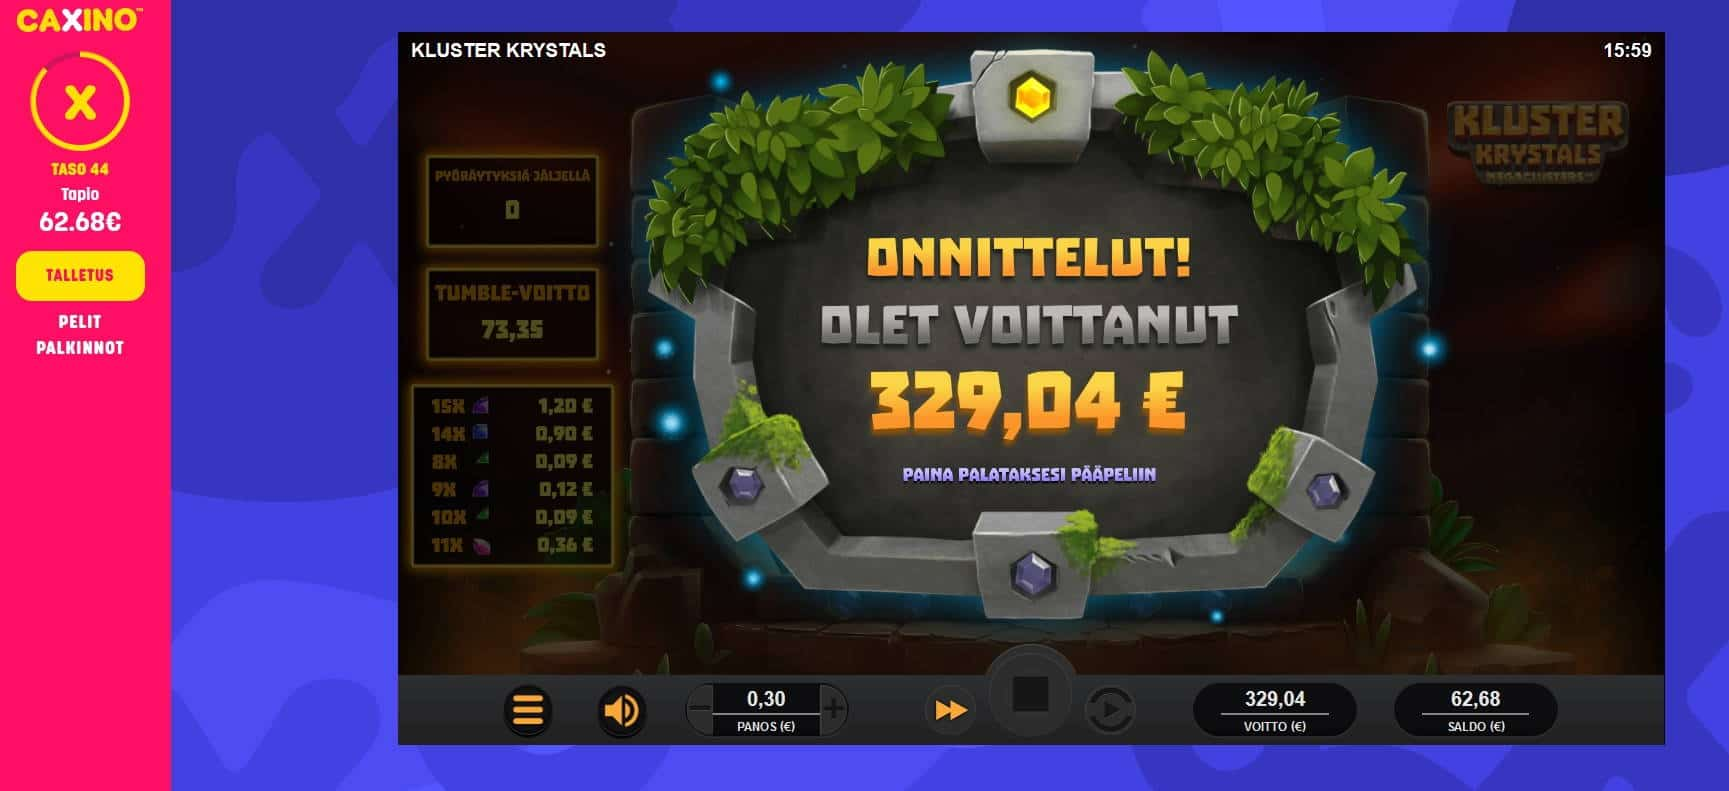 Kluster Krystals Casino win picture by Mrmork666 28.4.2021 329.04e 1097X Caxino